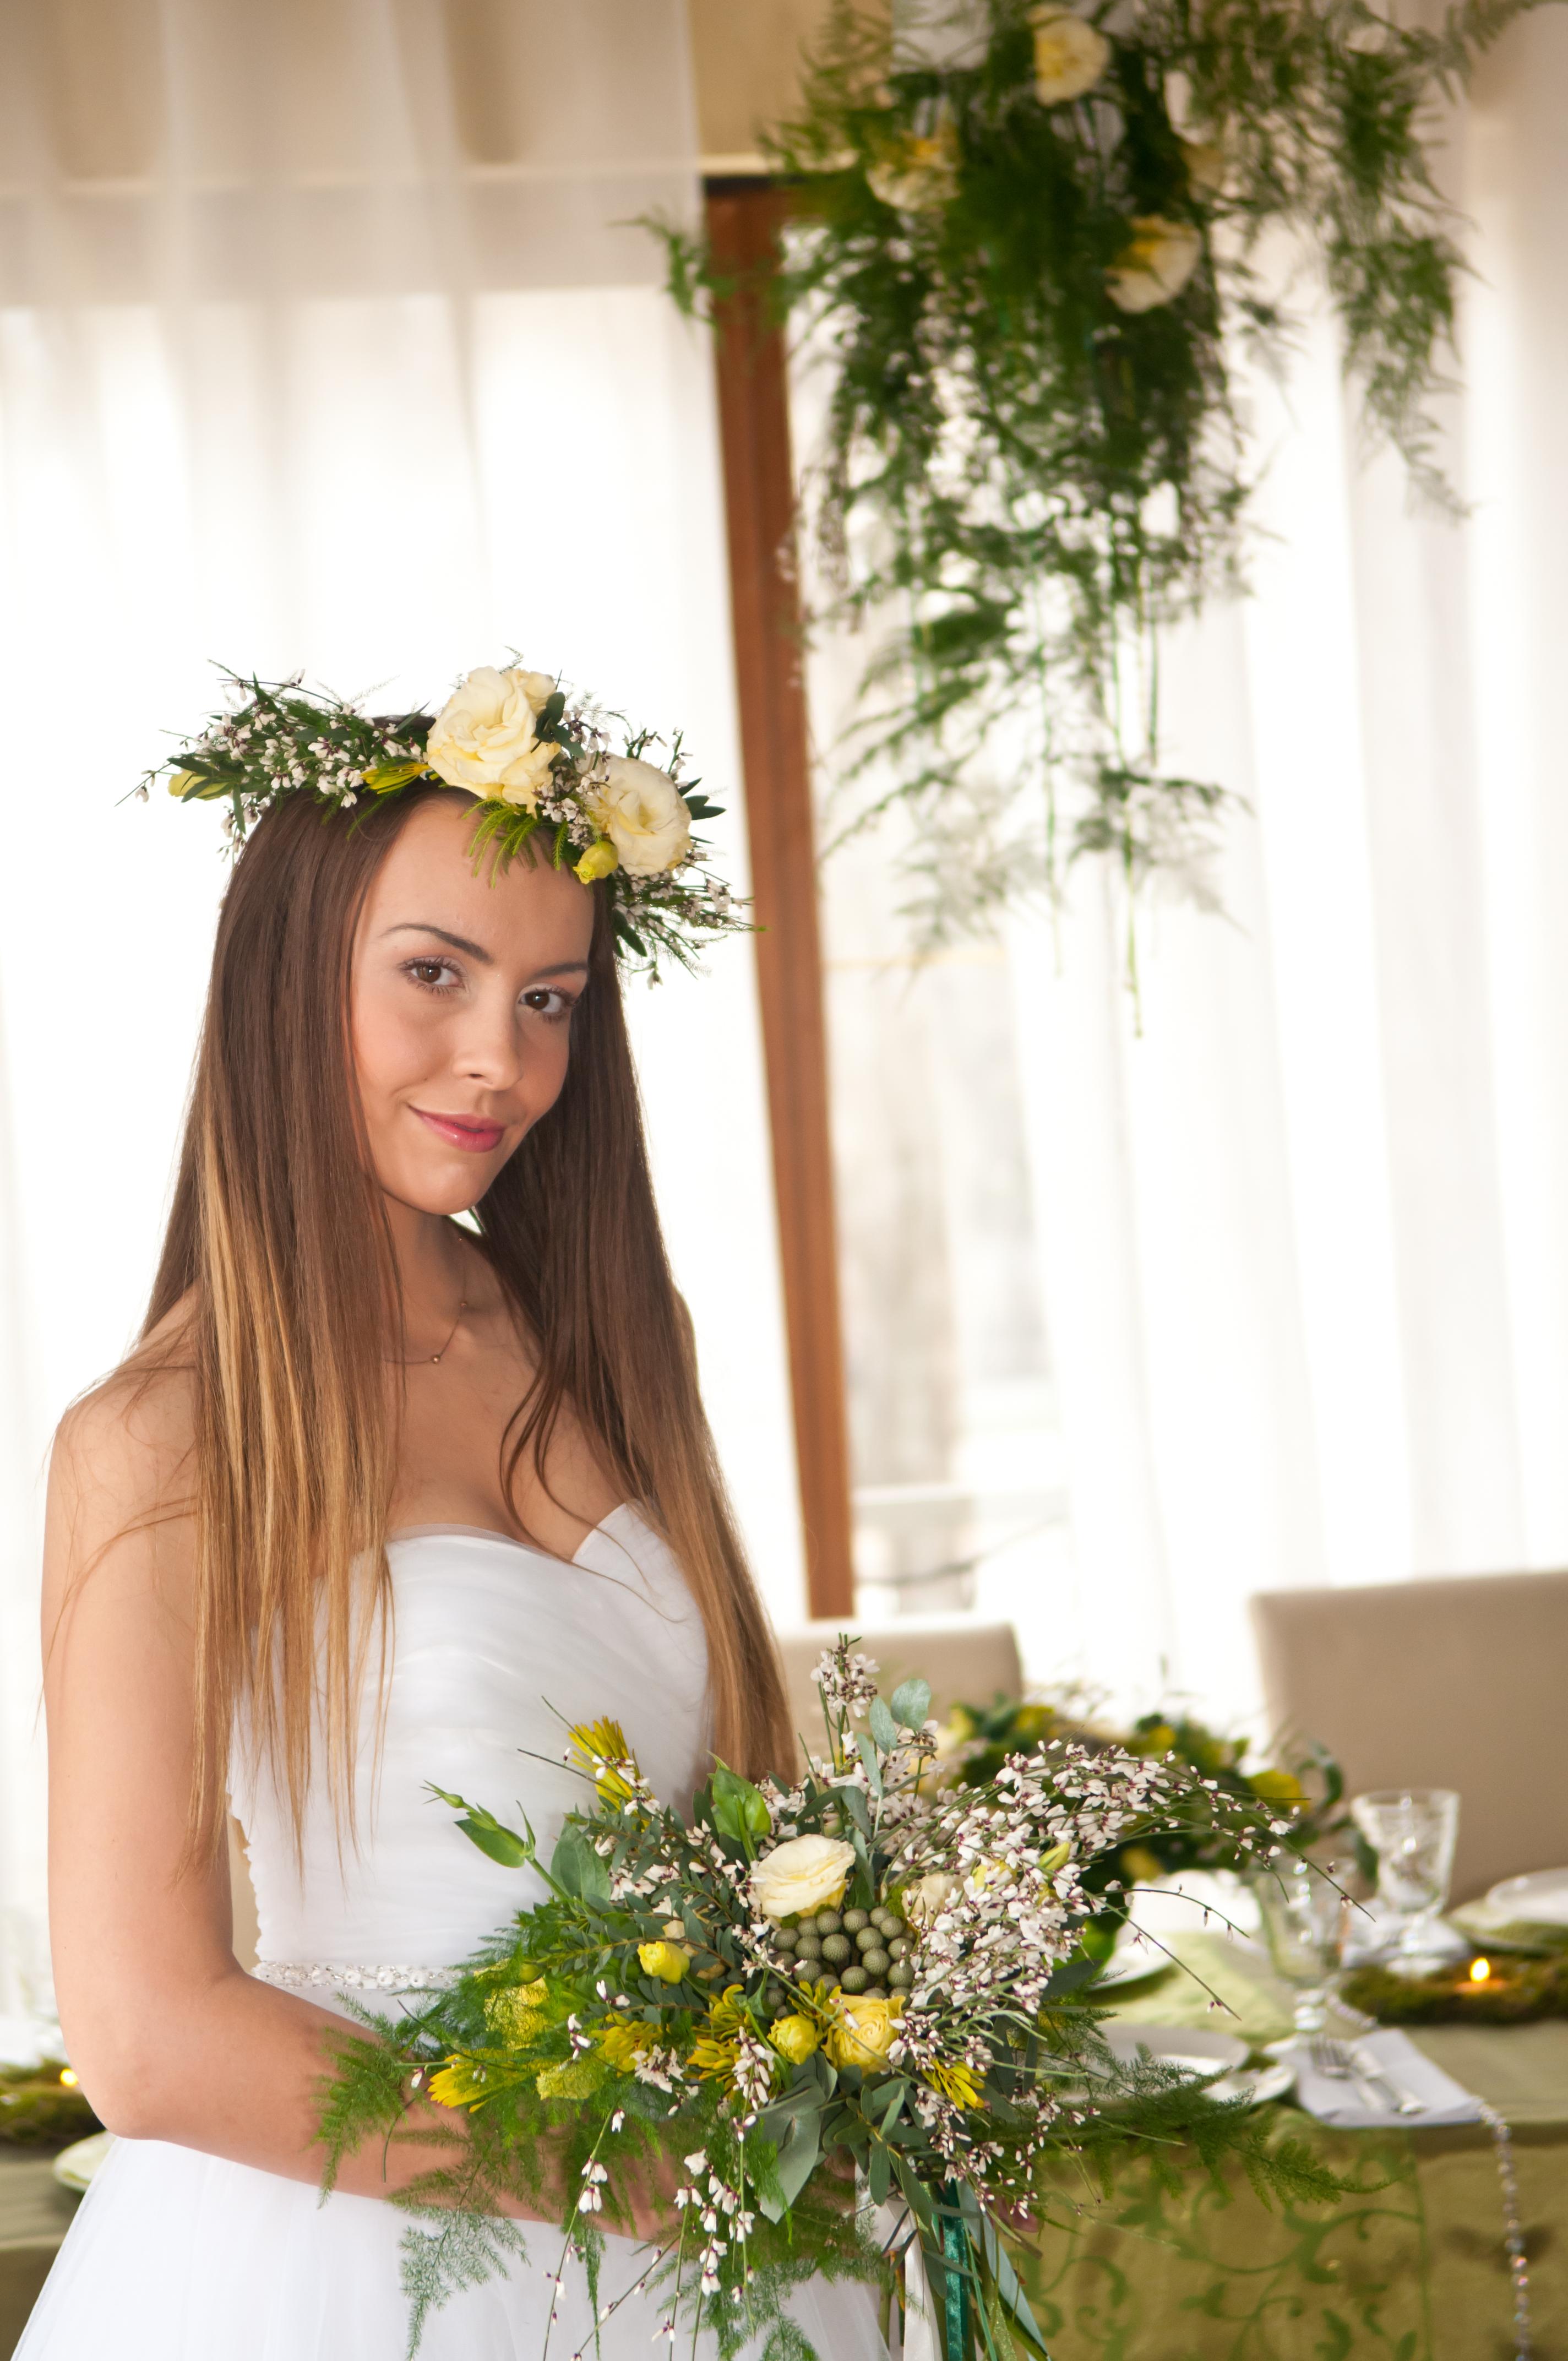 образ невесты в венке, лiсова мавка